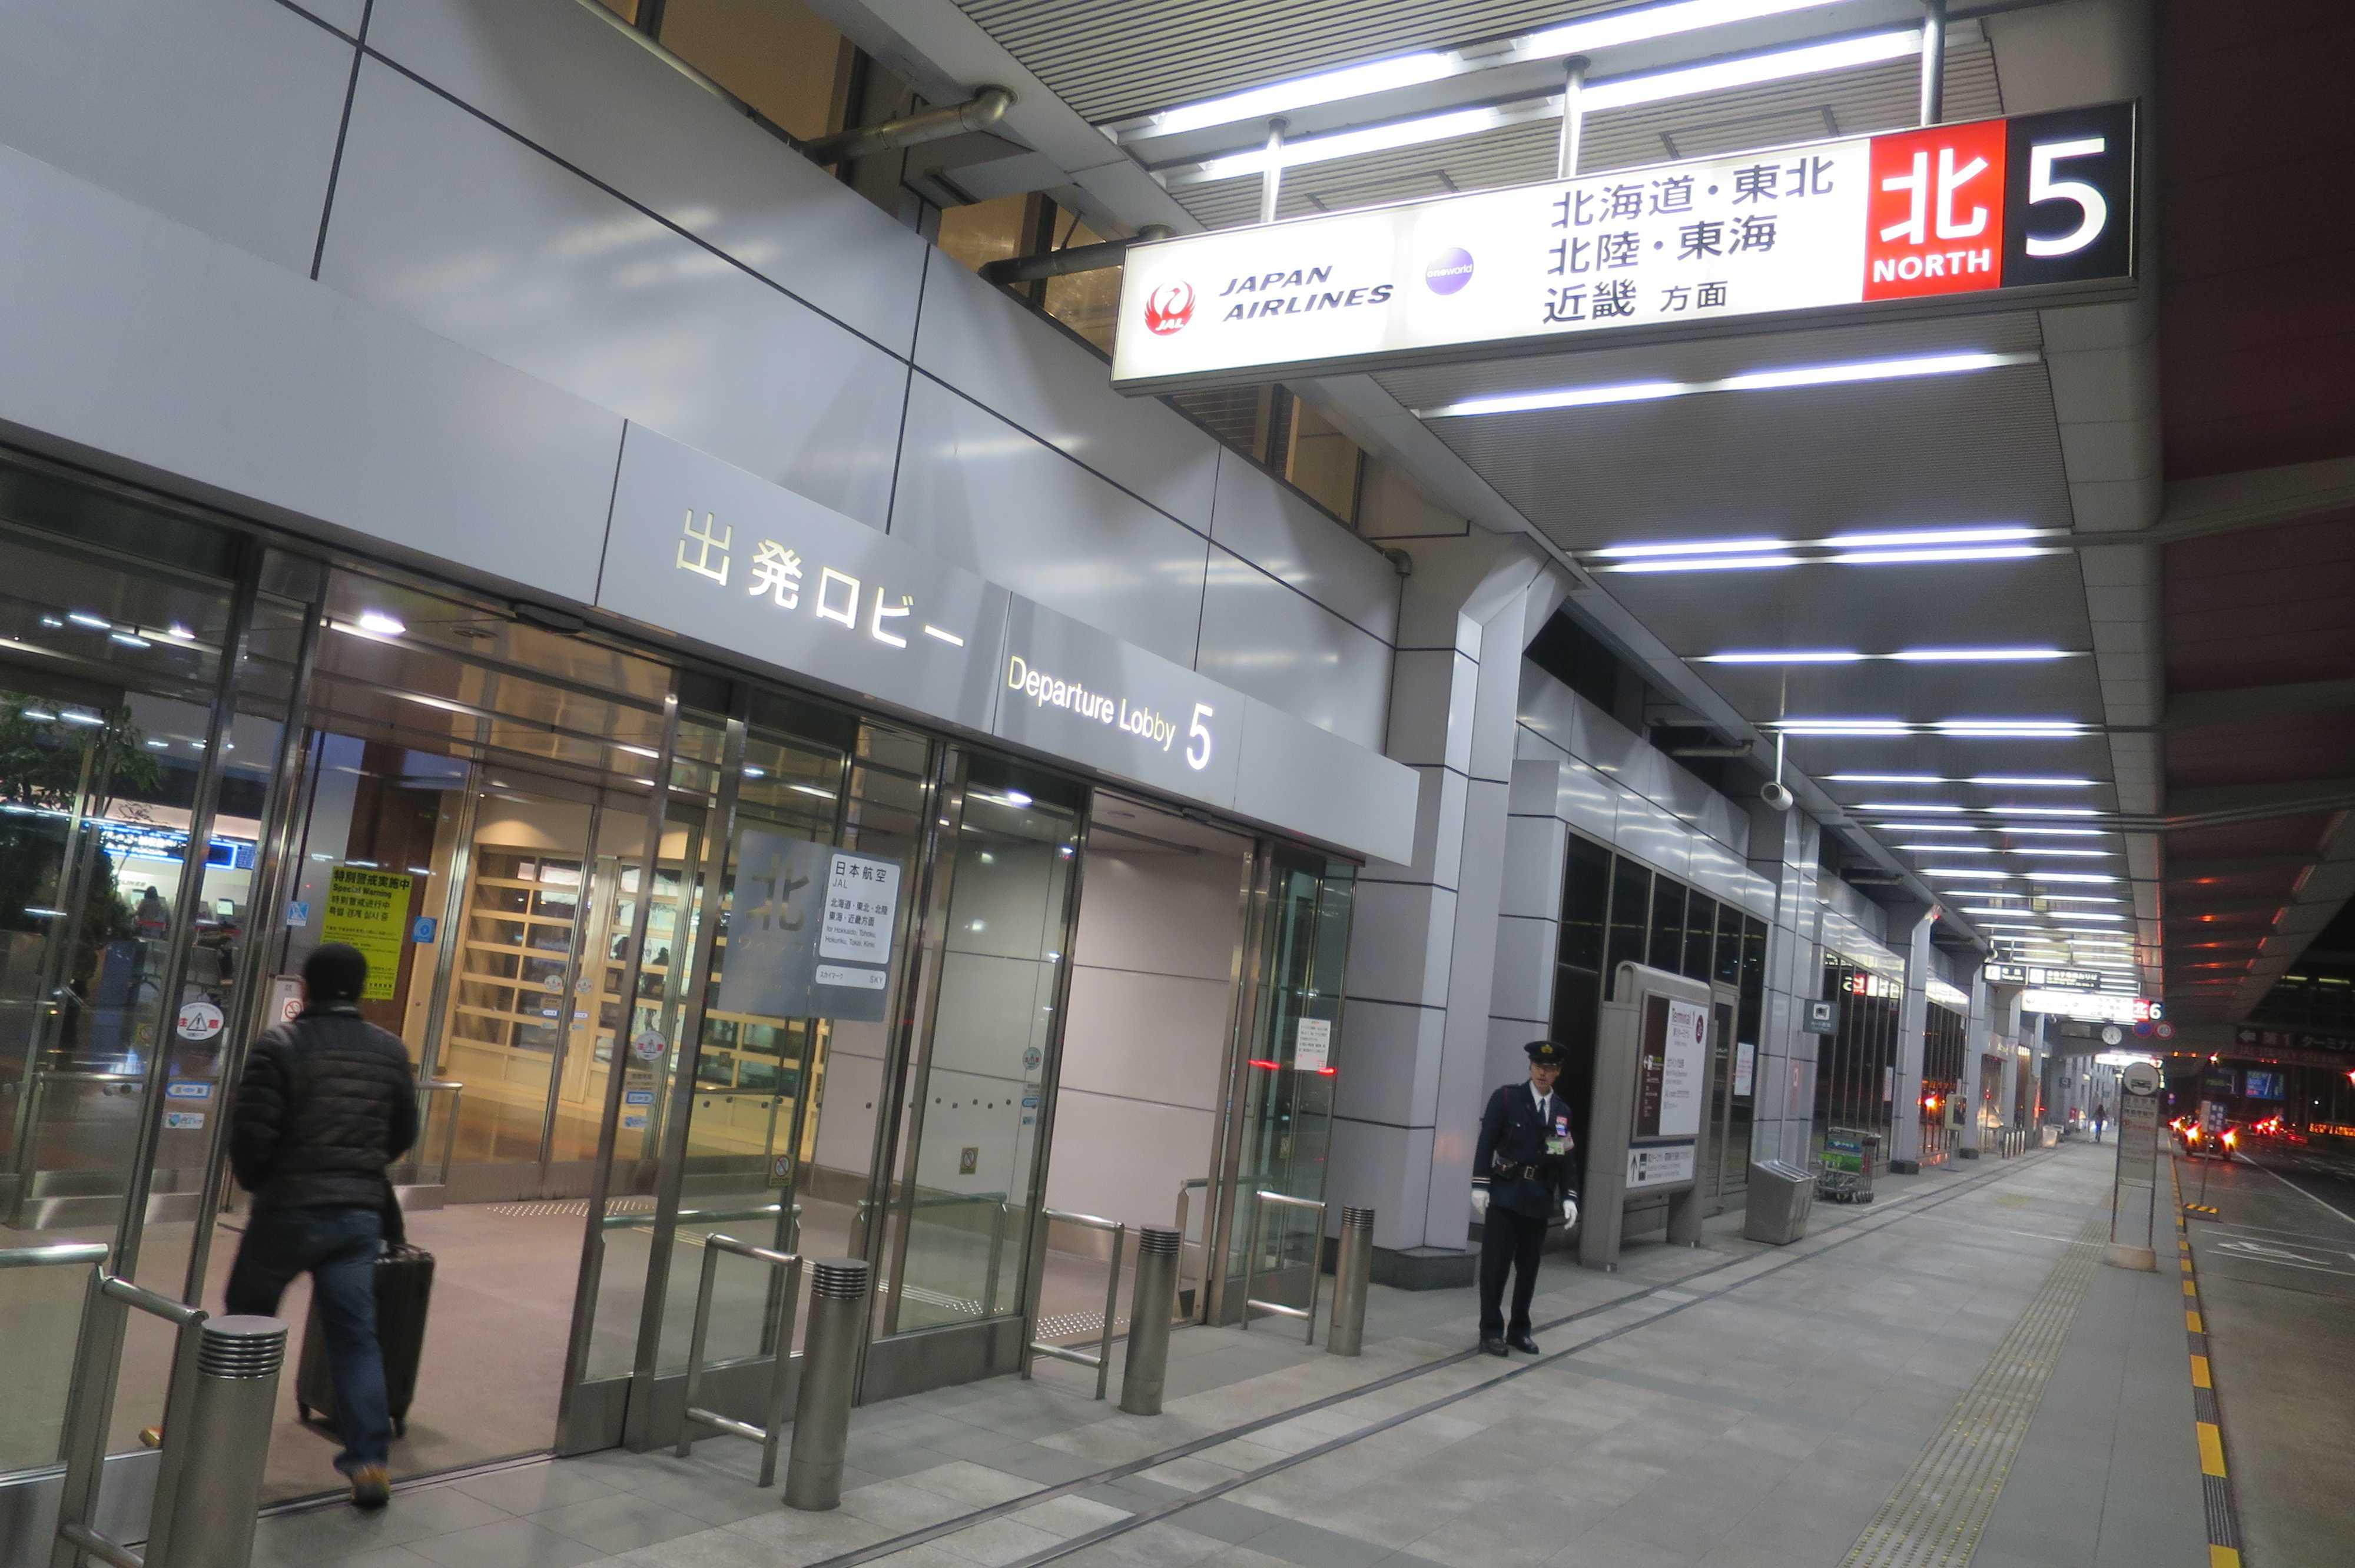 羽田空港 第1旅客ターミナル(JAL)